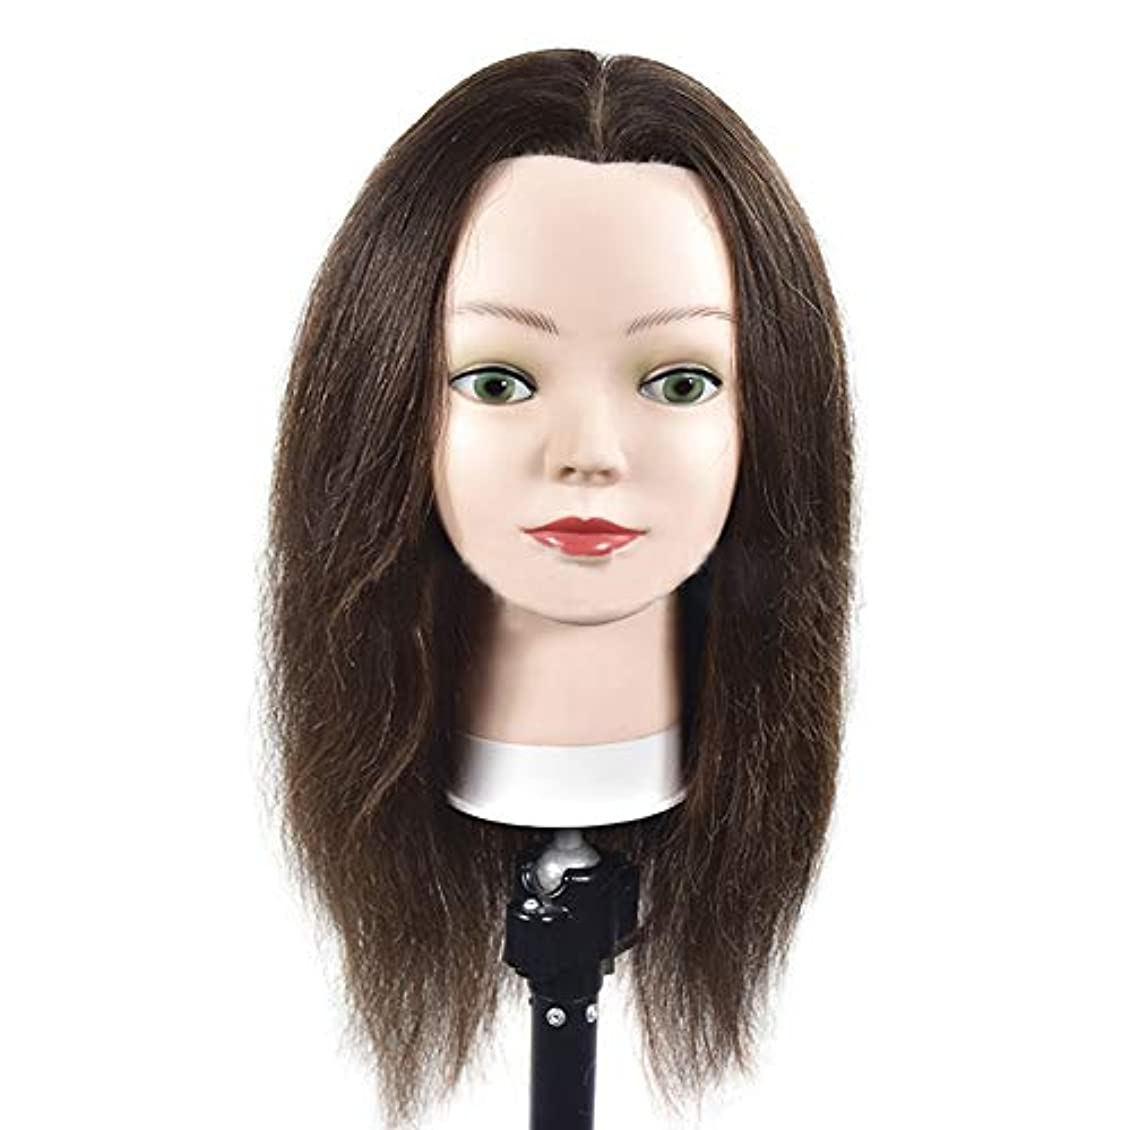 灌漑小説家中断サロン髪編組理髪指導ヘッドスタイリング散髪ダミーヘッド化粧学習マネキンヘッド